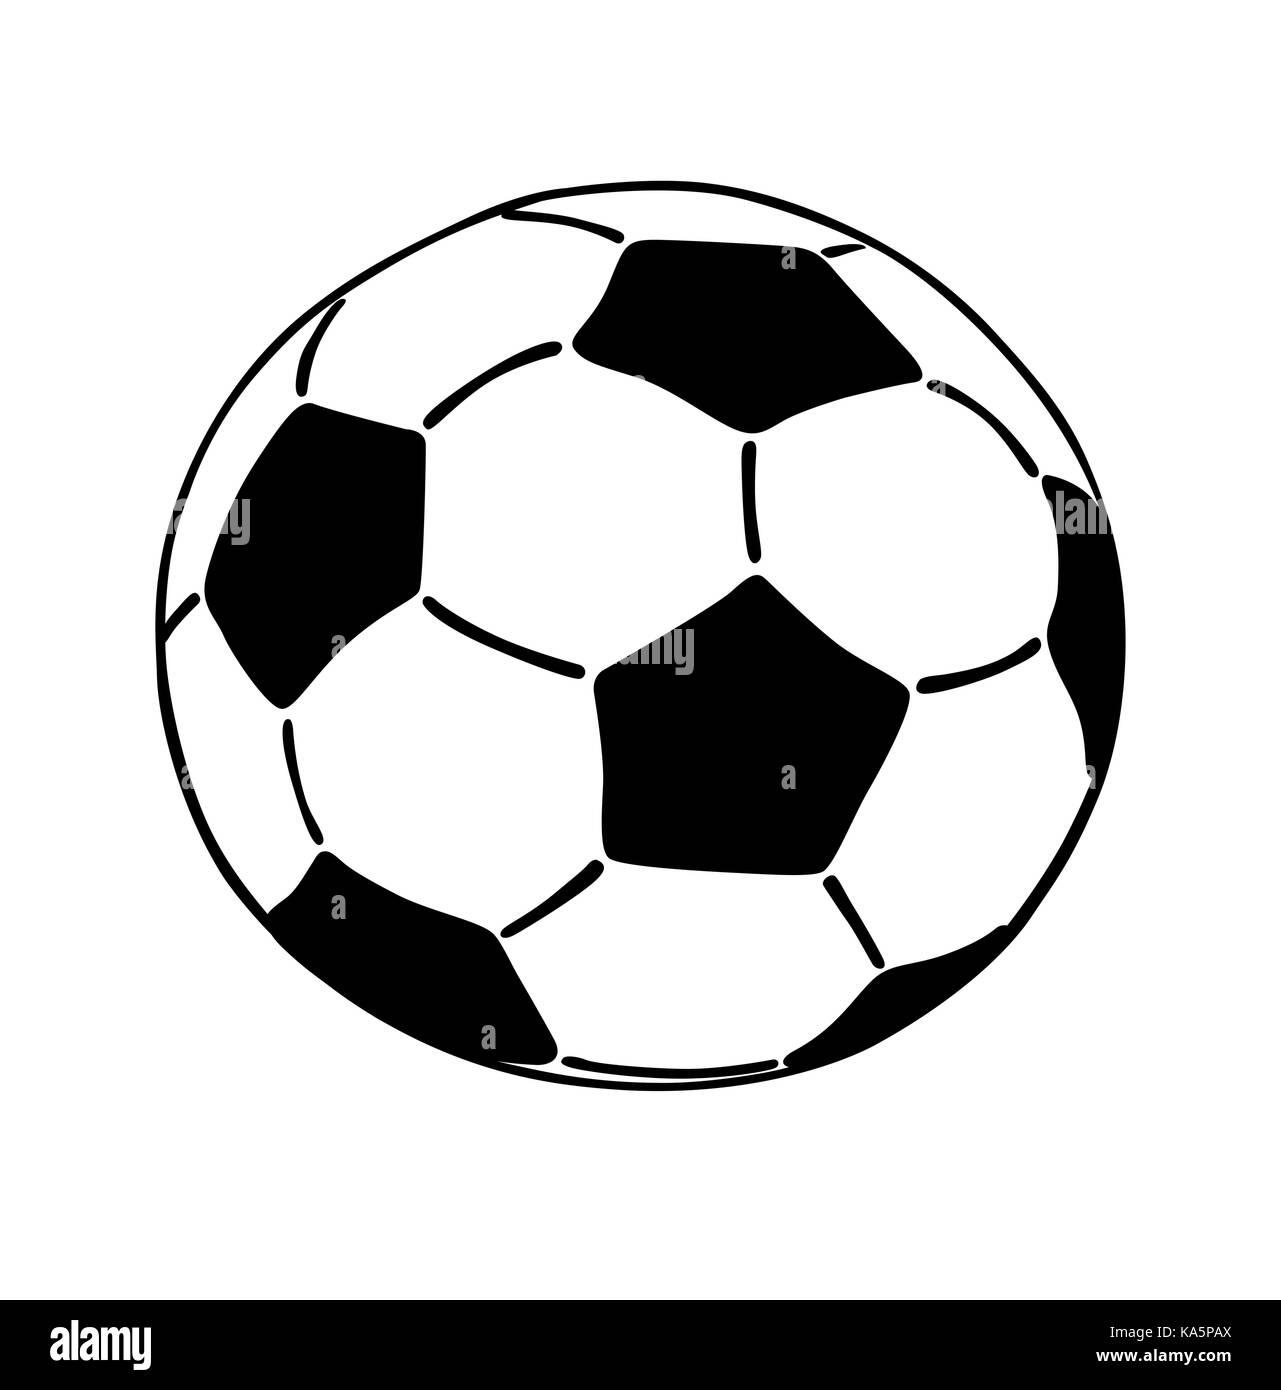 Fussball Symbol Auf Weissem Hintergrund Flache Vector